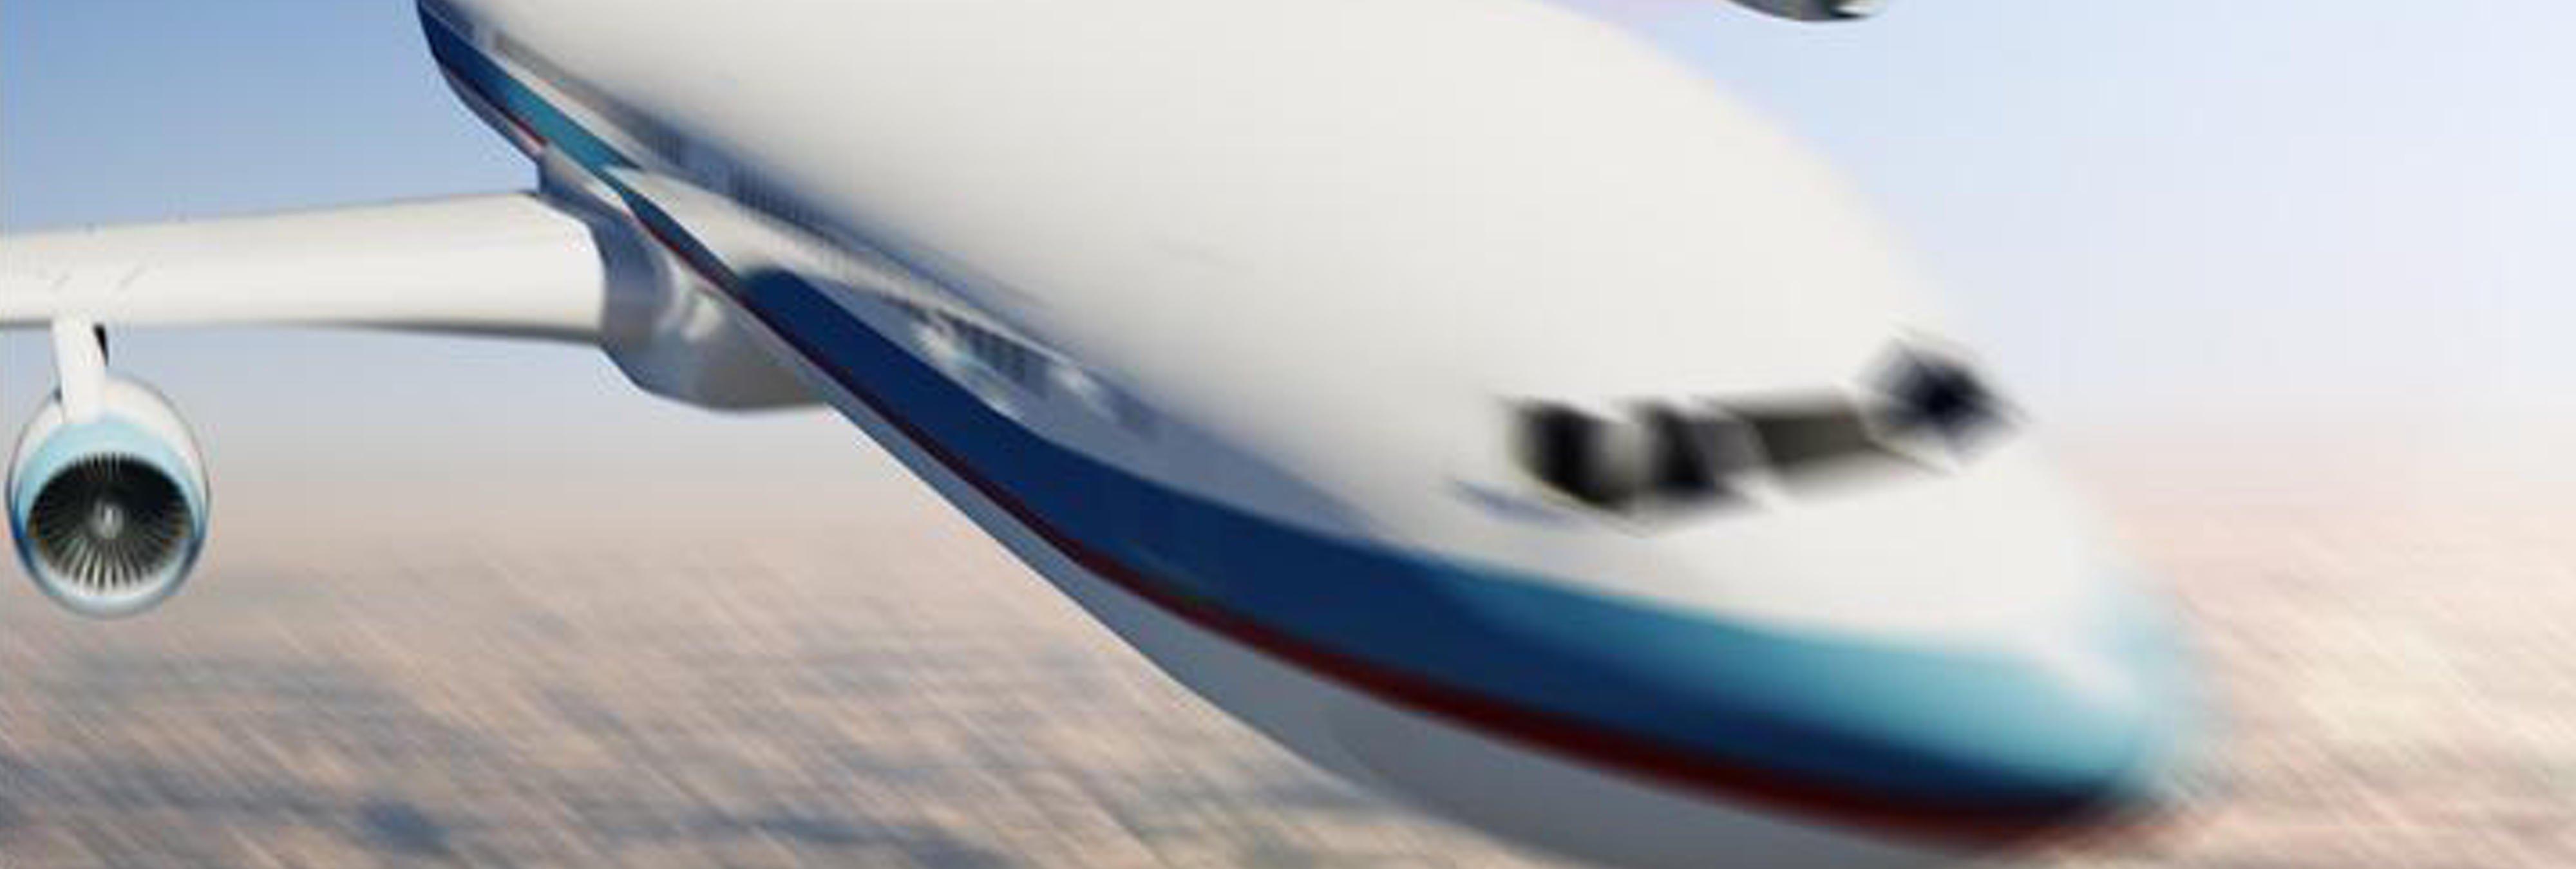 """Un piloto casi estrella su avión tras comenzar a tomar fotos por estar """"aburrido"""""""